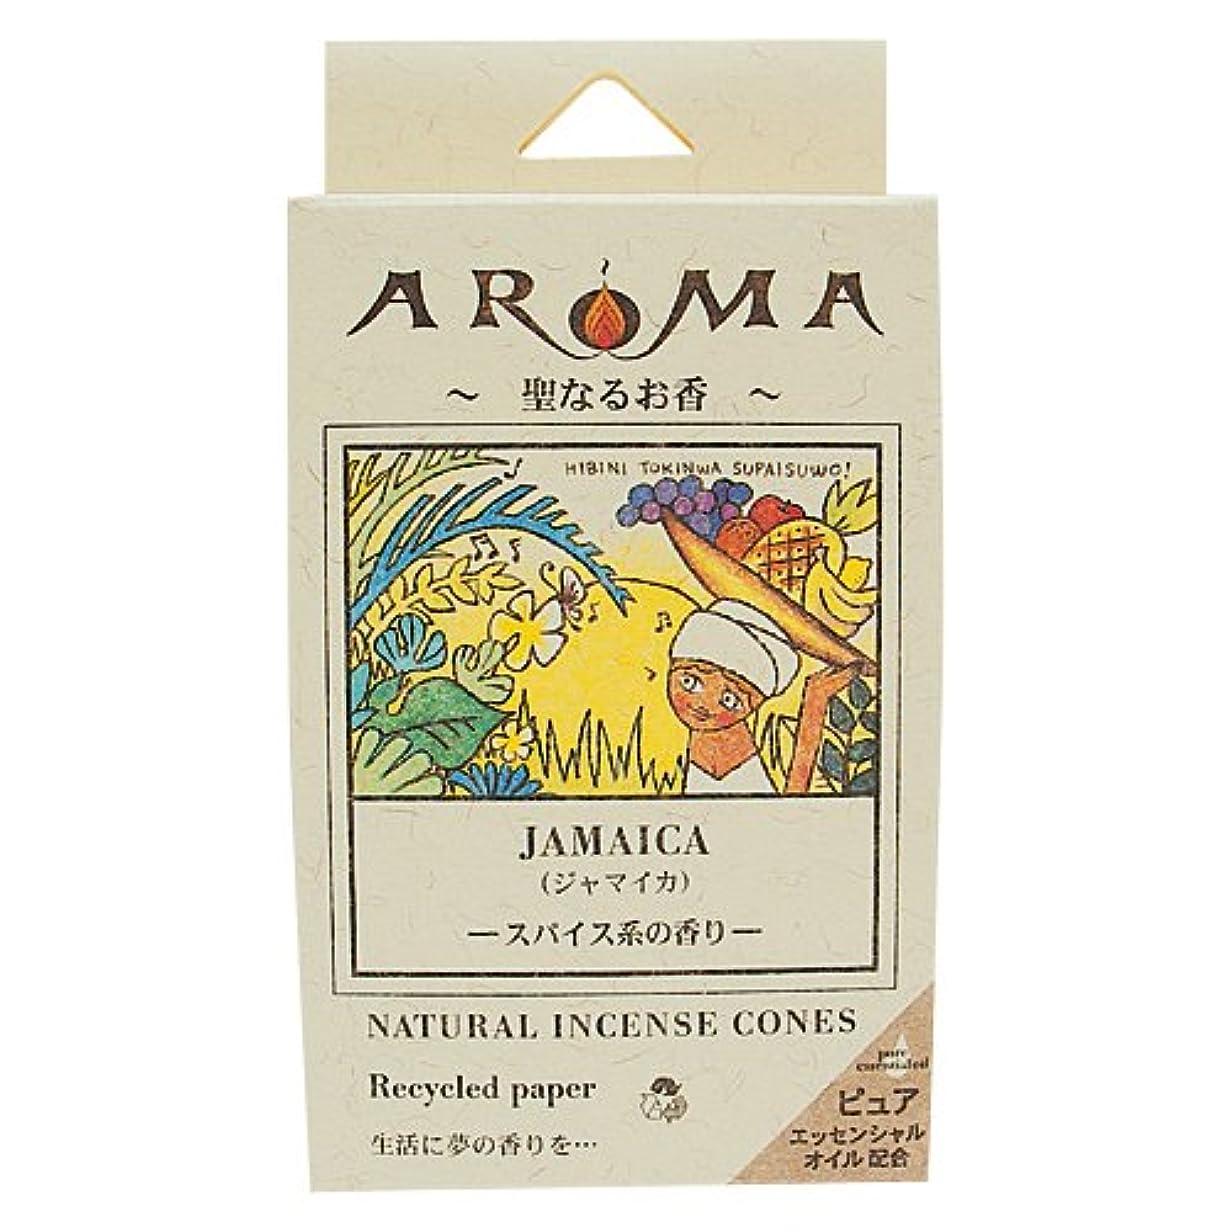 愛する納屋一月アロマ香 ジャマイカ 16粒(コーンタイプインセンス 1粒の燃焼時間約20分 スパイス系の香り)